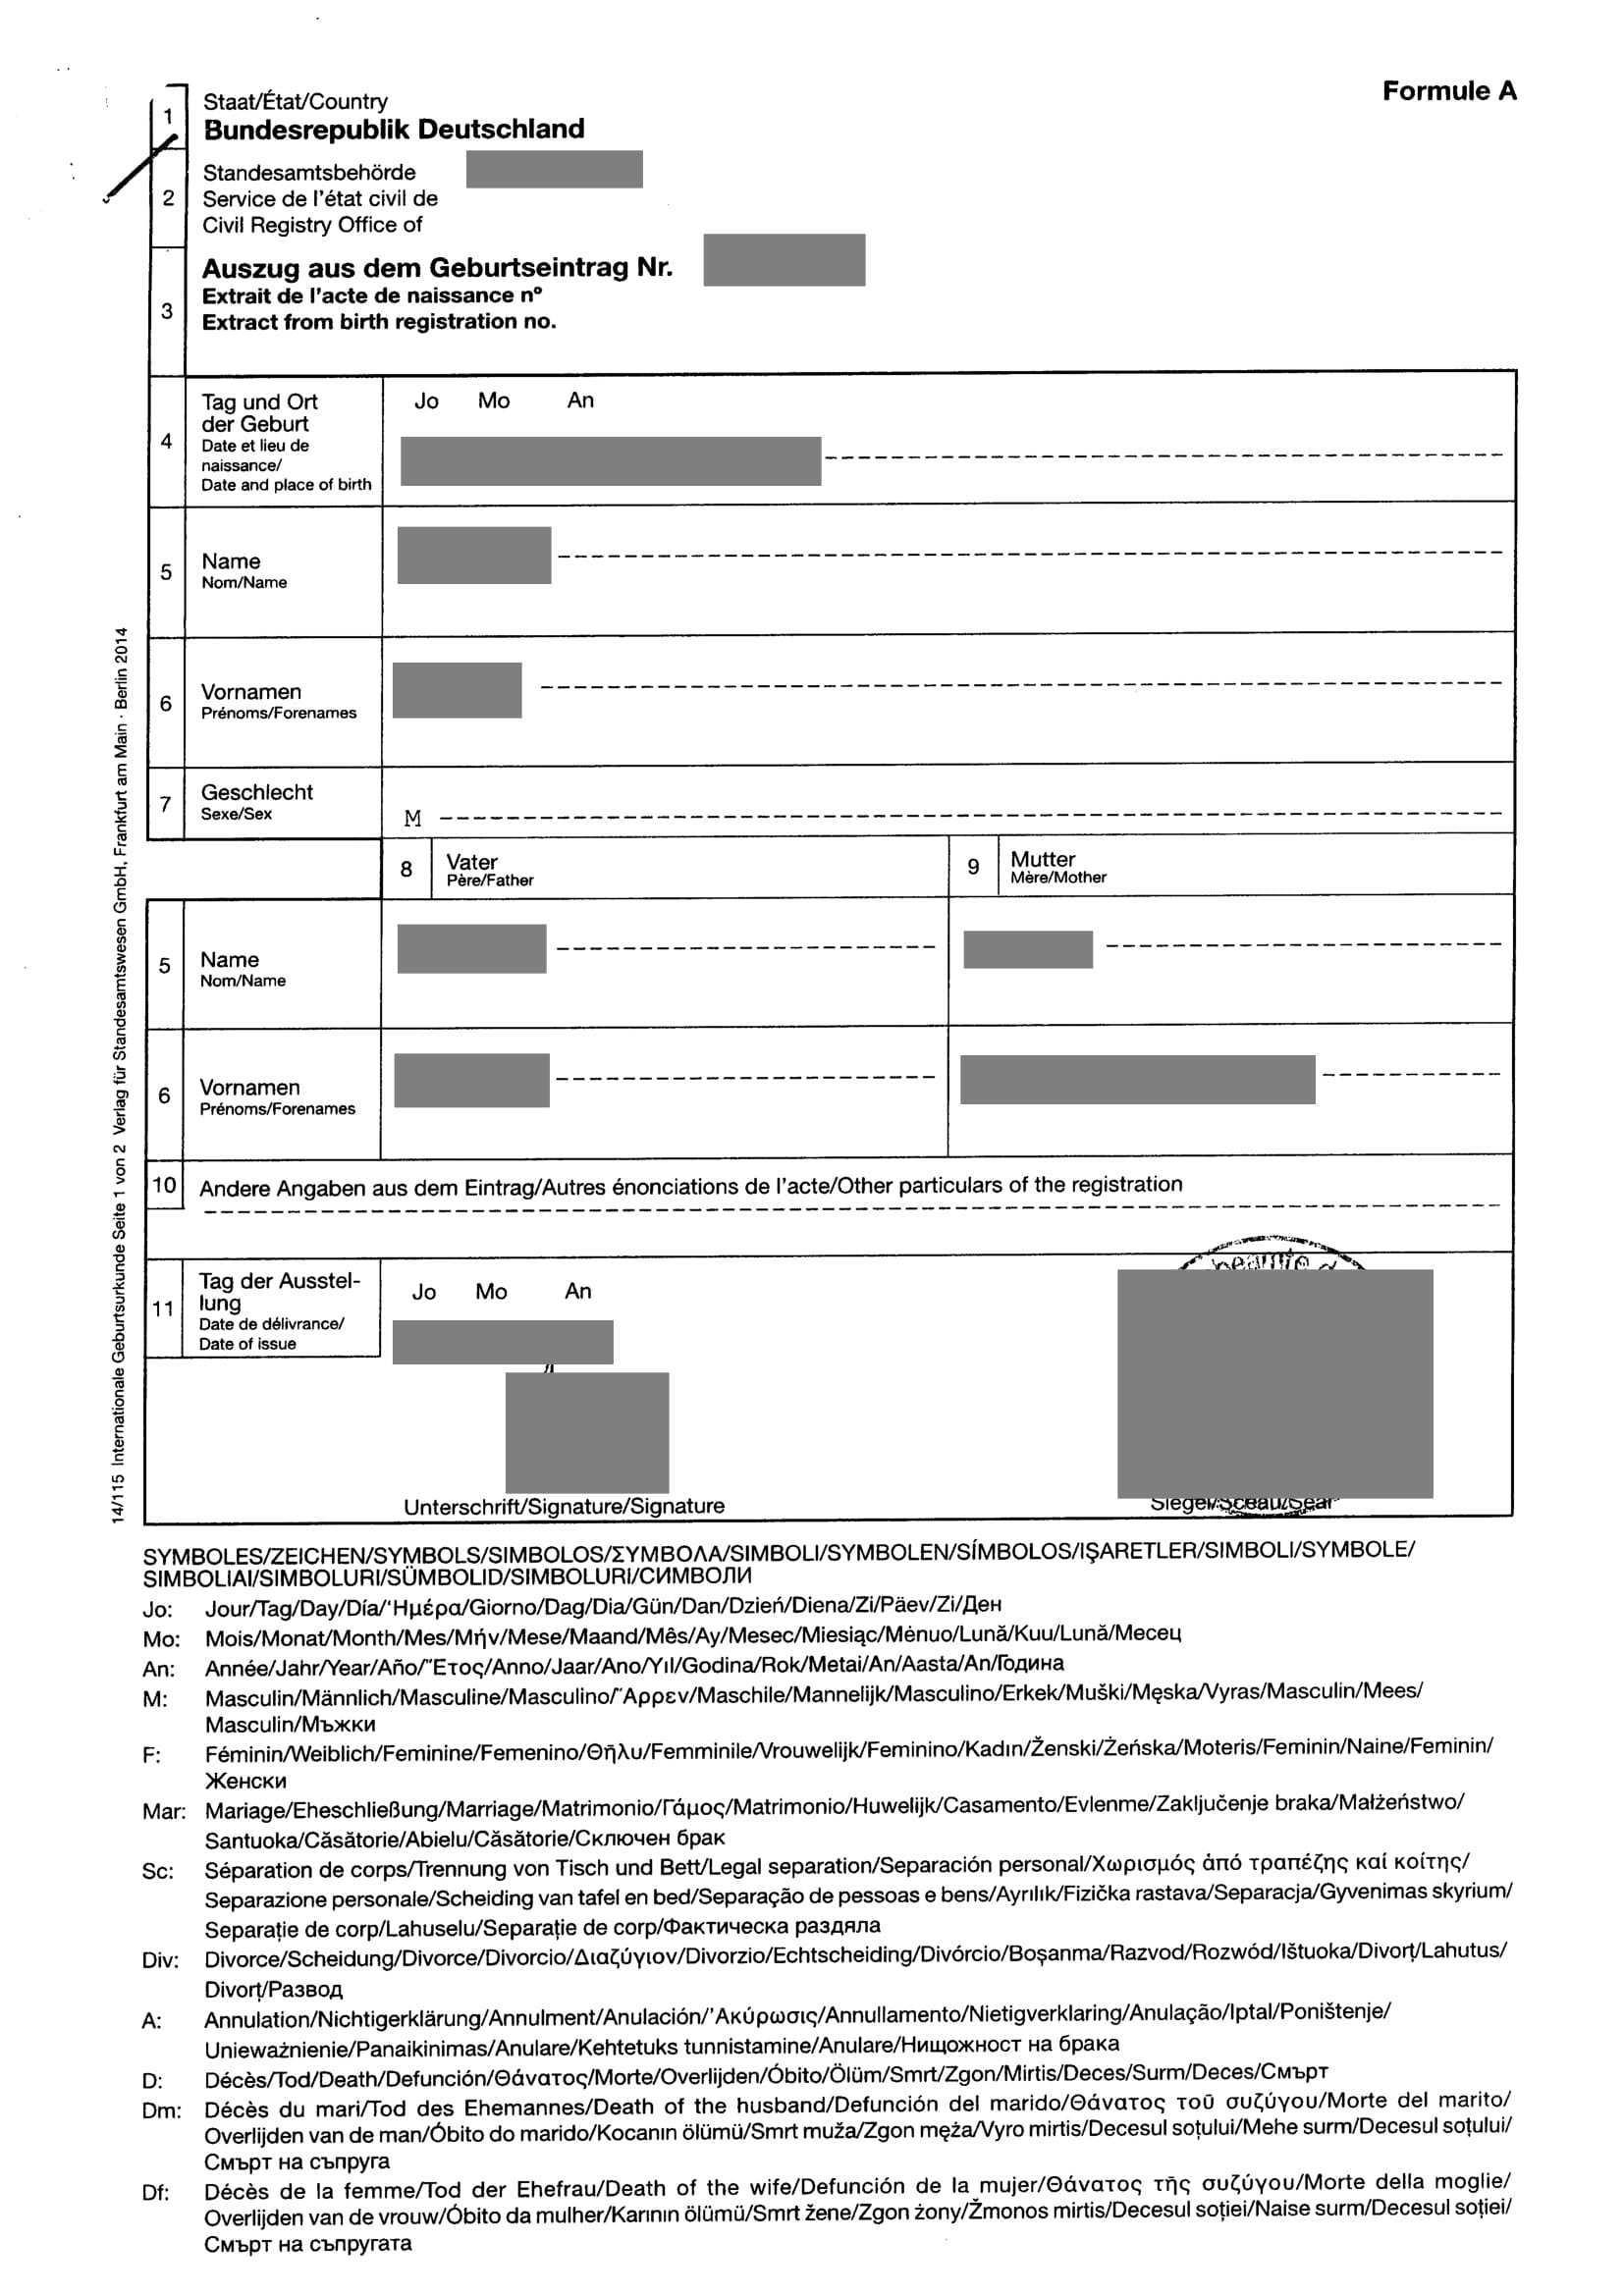 Auszug Aus Dem Geburtseintrag Musterubersetzungen Von Urkunden